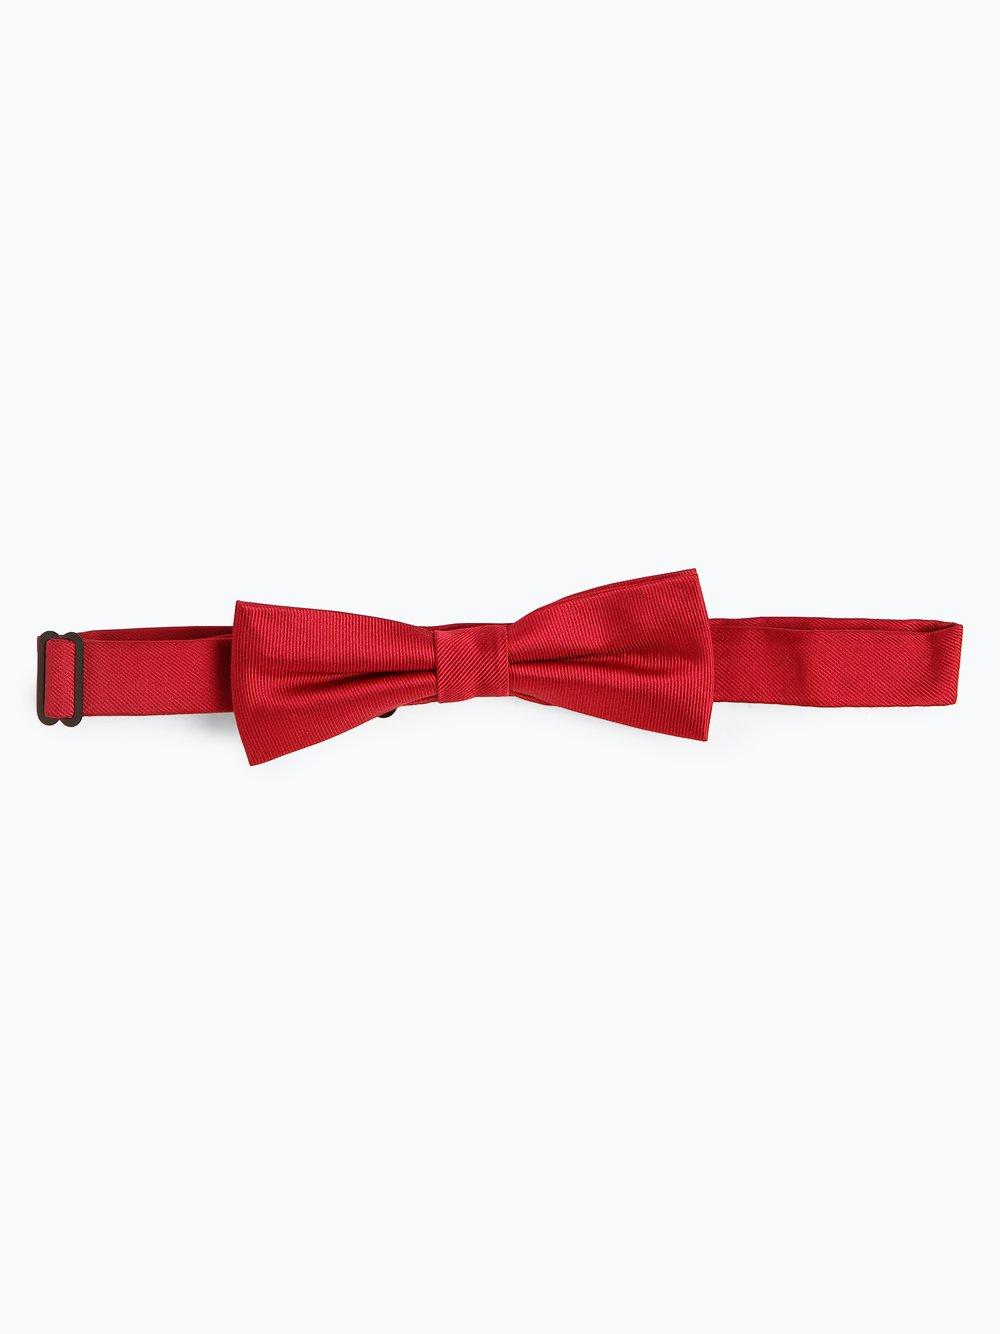 Finshley & Harding London – Muszka męska z jedwabiu, czerwony Van Graaf 392523-0003-00000